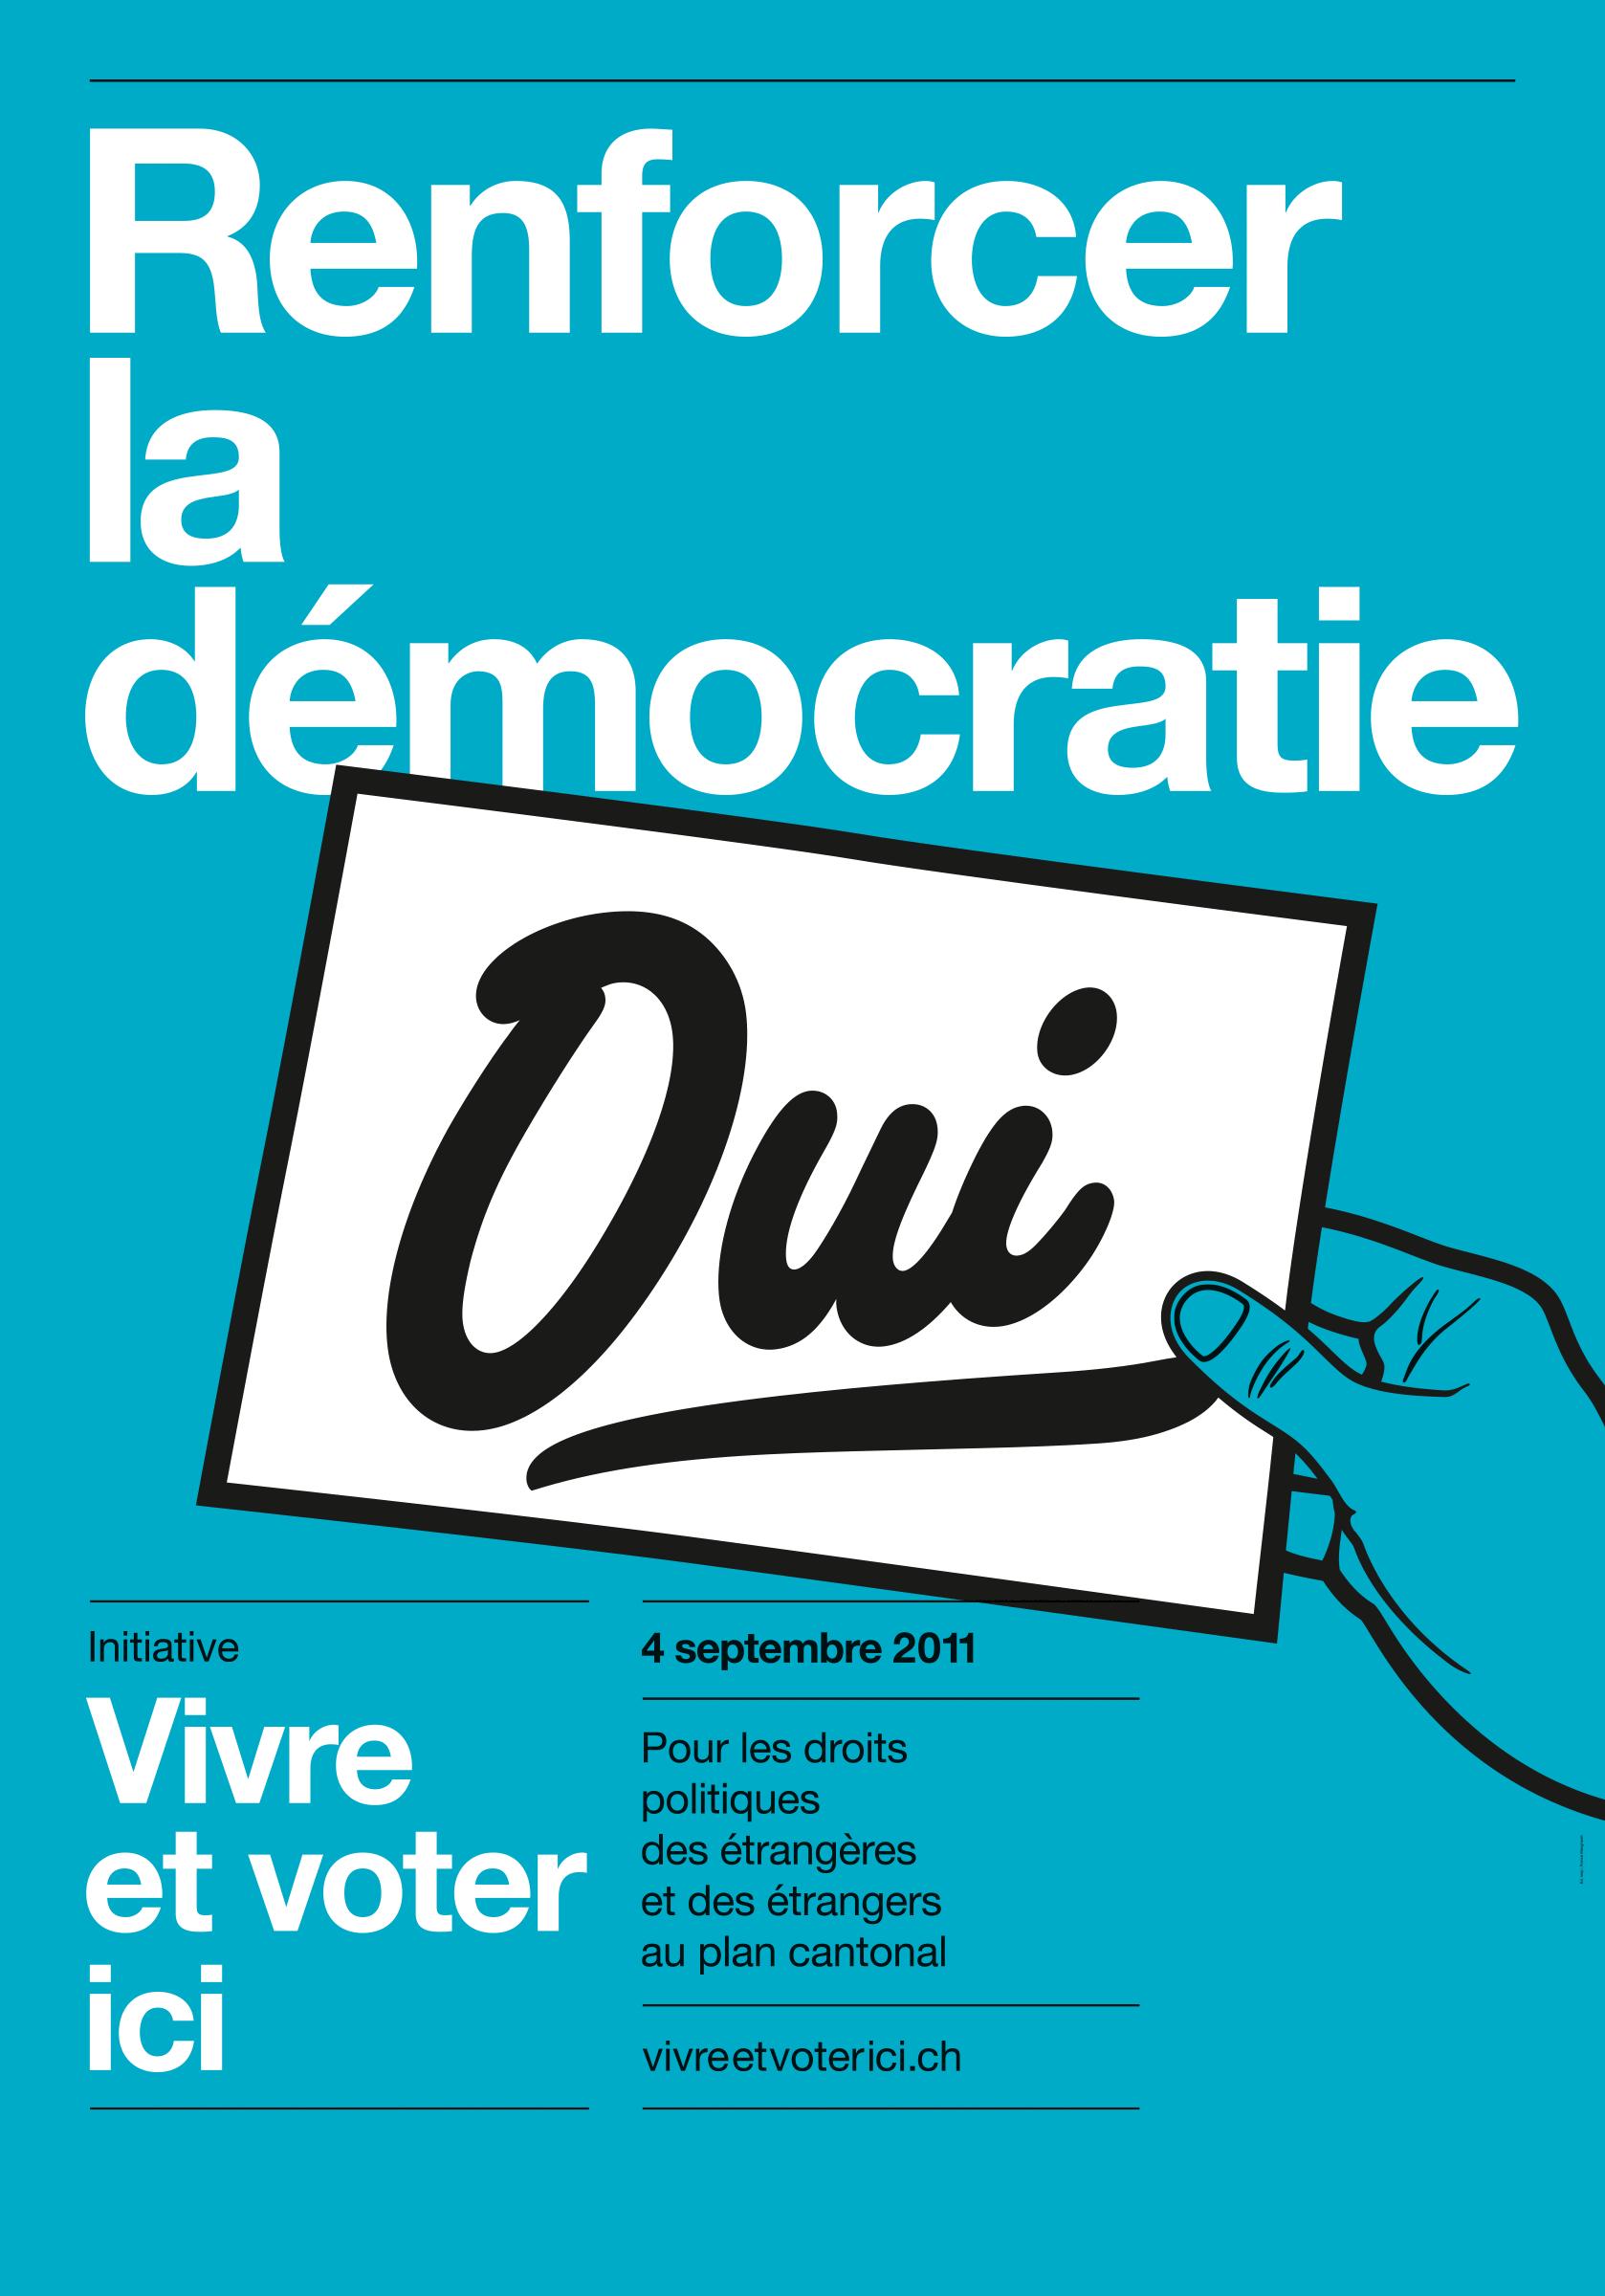 Affiche de votation pour accorder le droit de vote aux étrangers·ères du canton de Vaud.